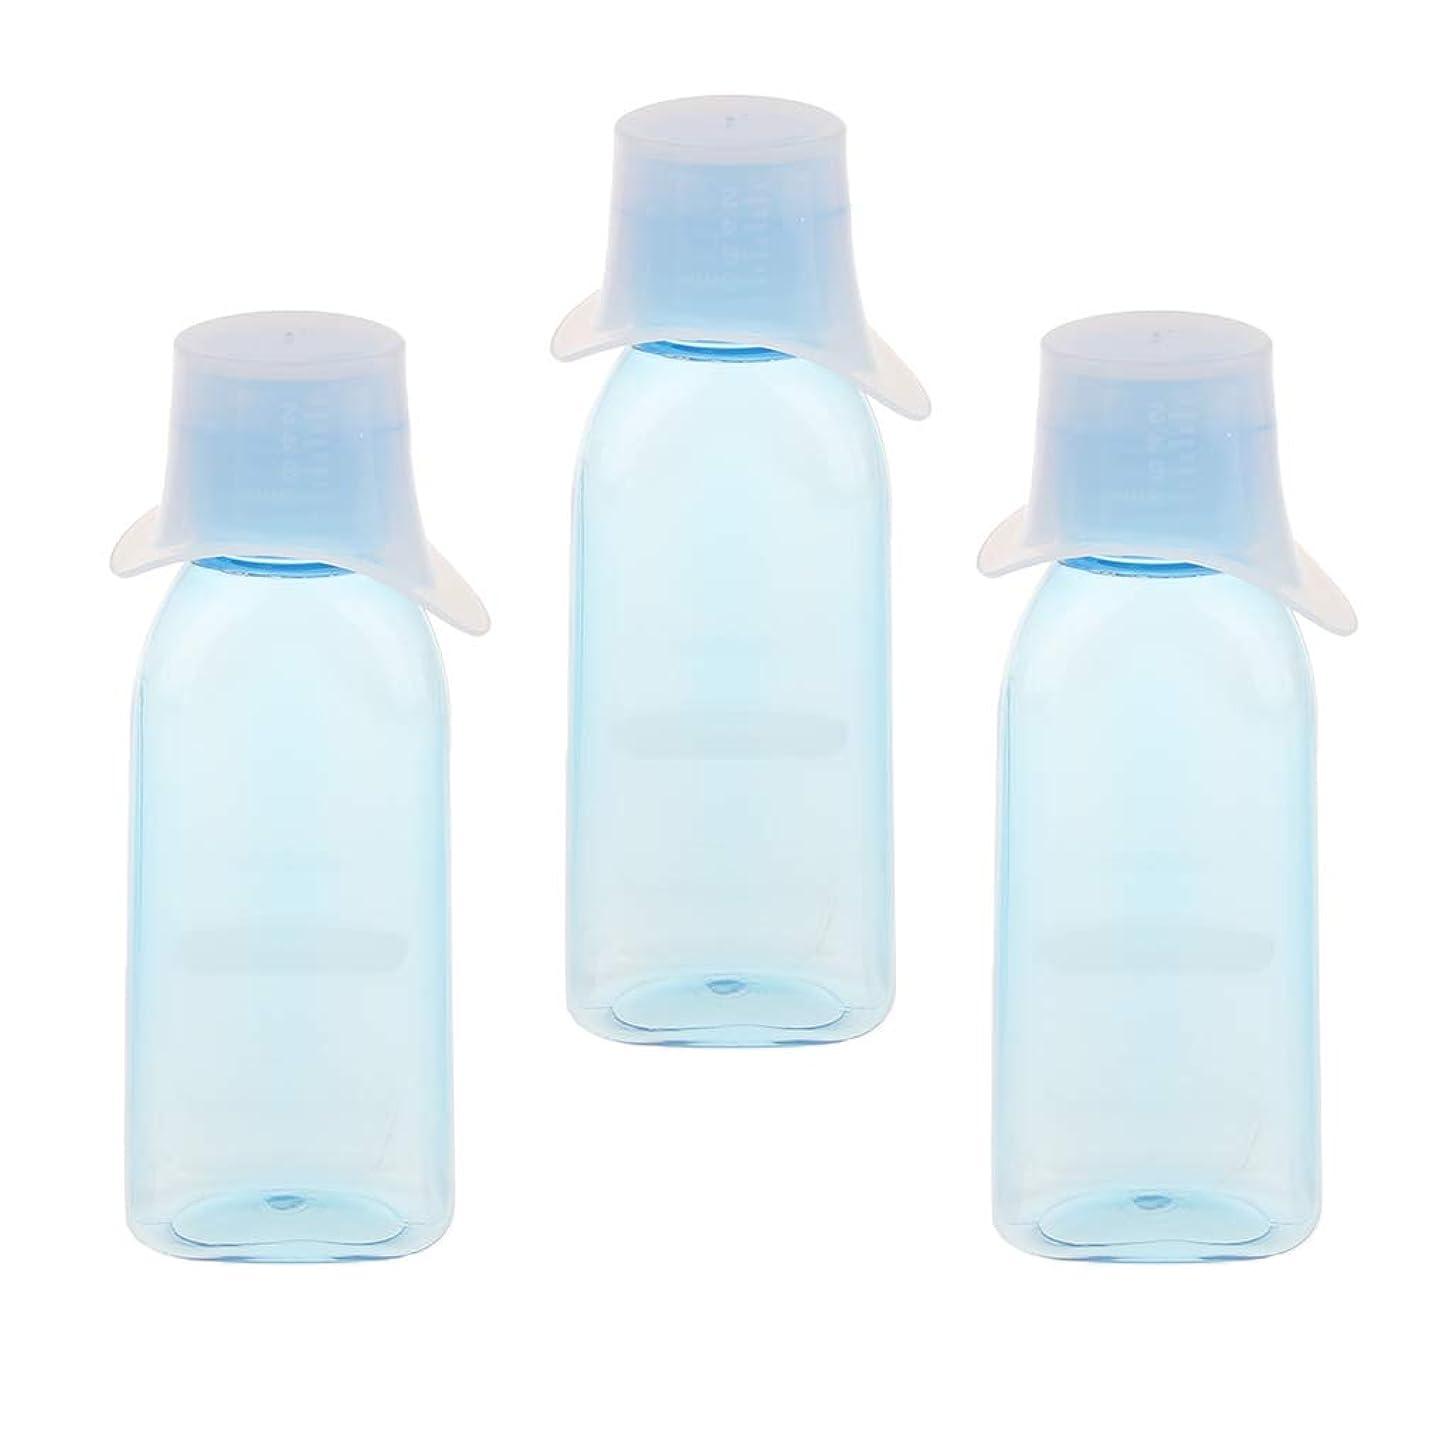 D DOLITY 3本 アイウォッシュカップ 洗眼容器 プラスチックボトル 漏れ防止 詰替えボトル